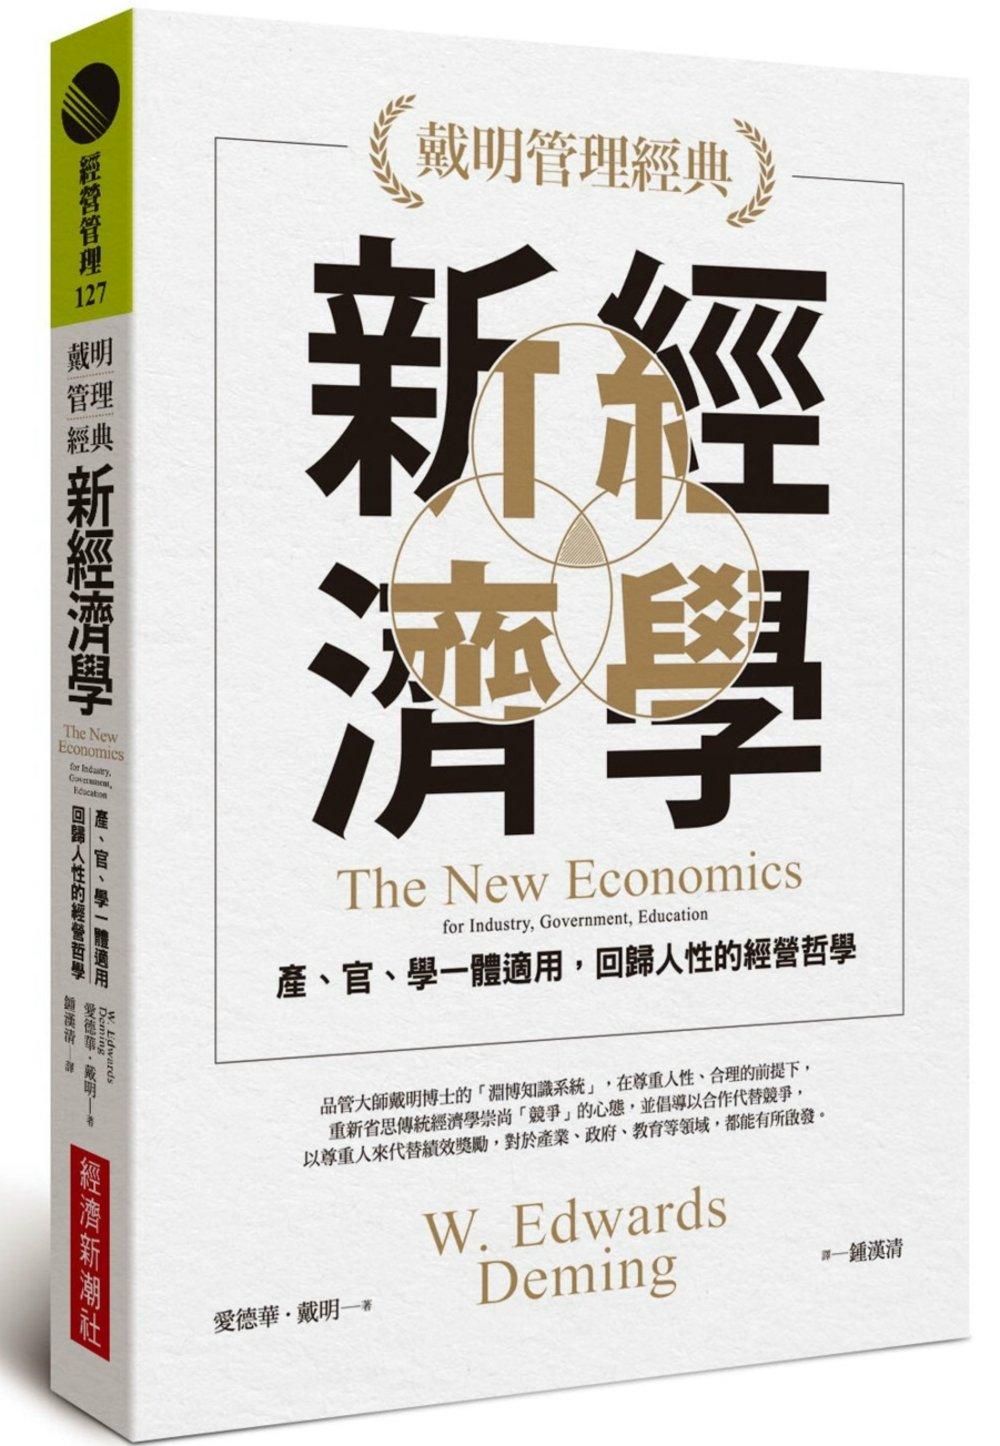 【戴明管理經典】新經濟學:產、官、學一體適用,回歸人性的經營哲學